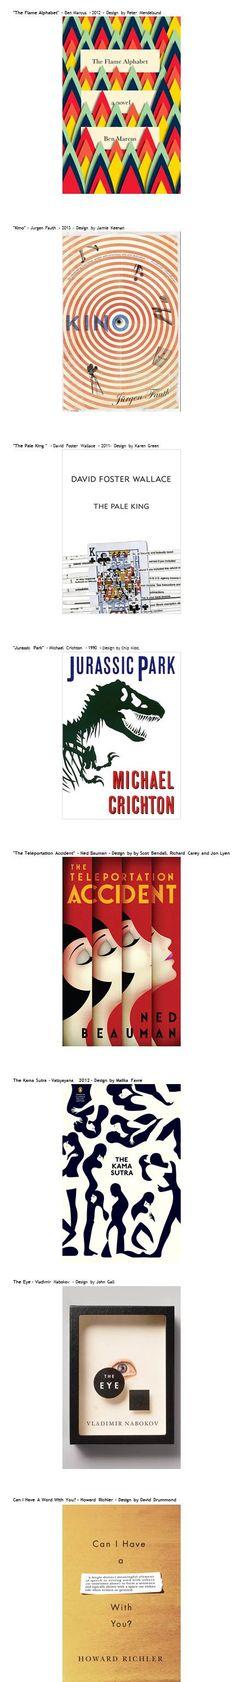 Alcuni validi esempi selezionati di grafica per la copertina di un libro. Una breve gallery di ispirazioni per designer.